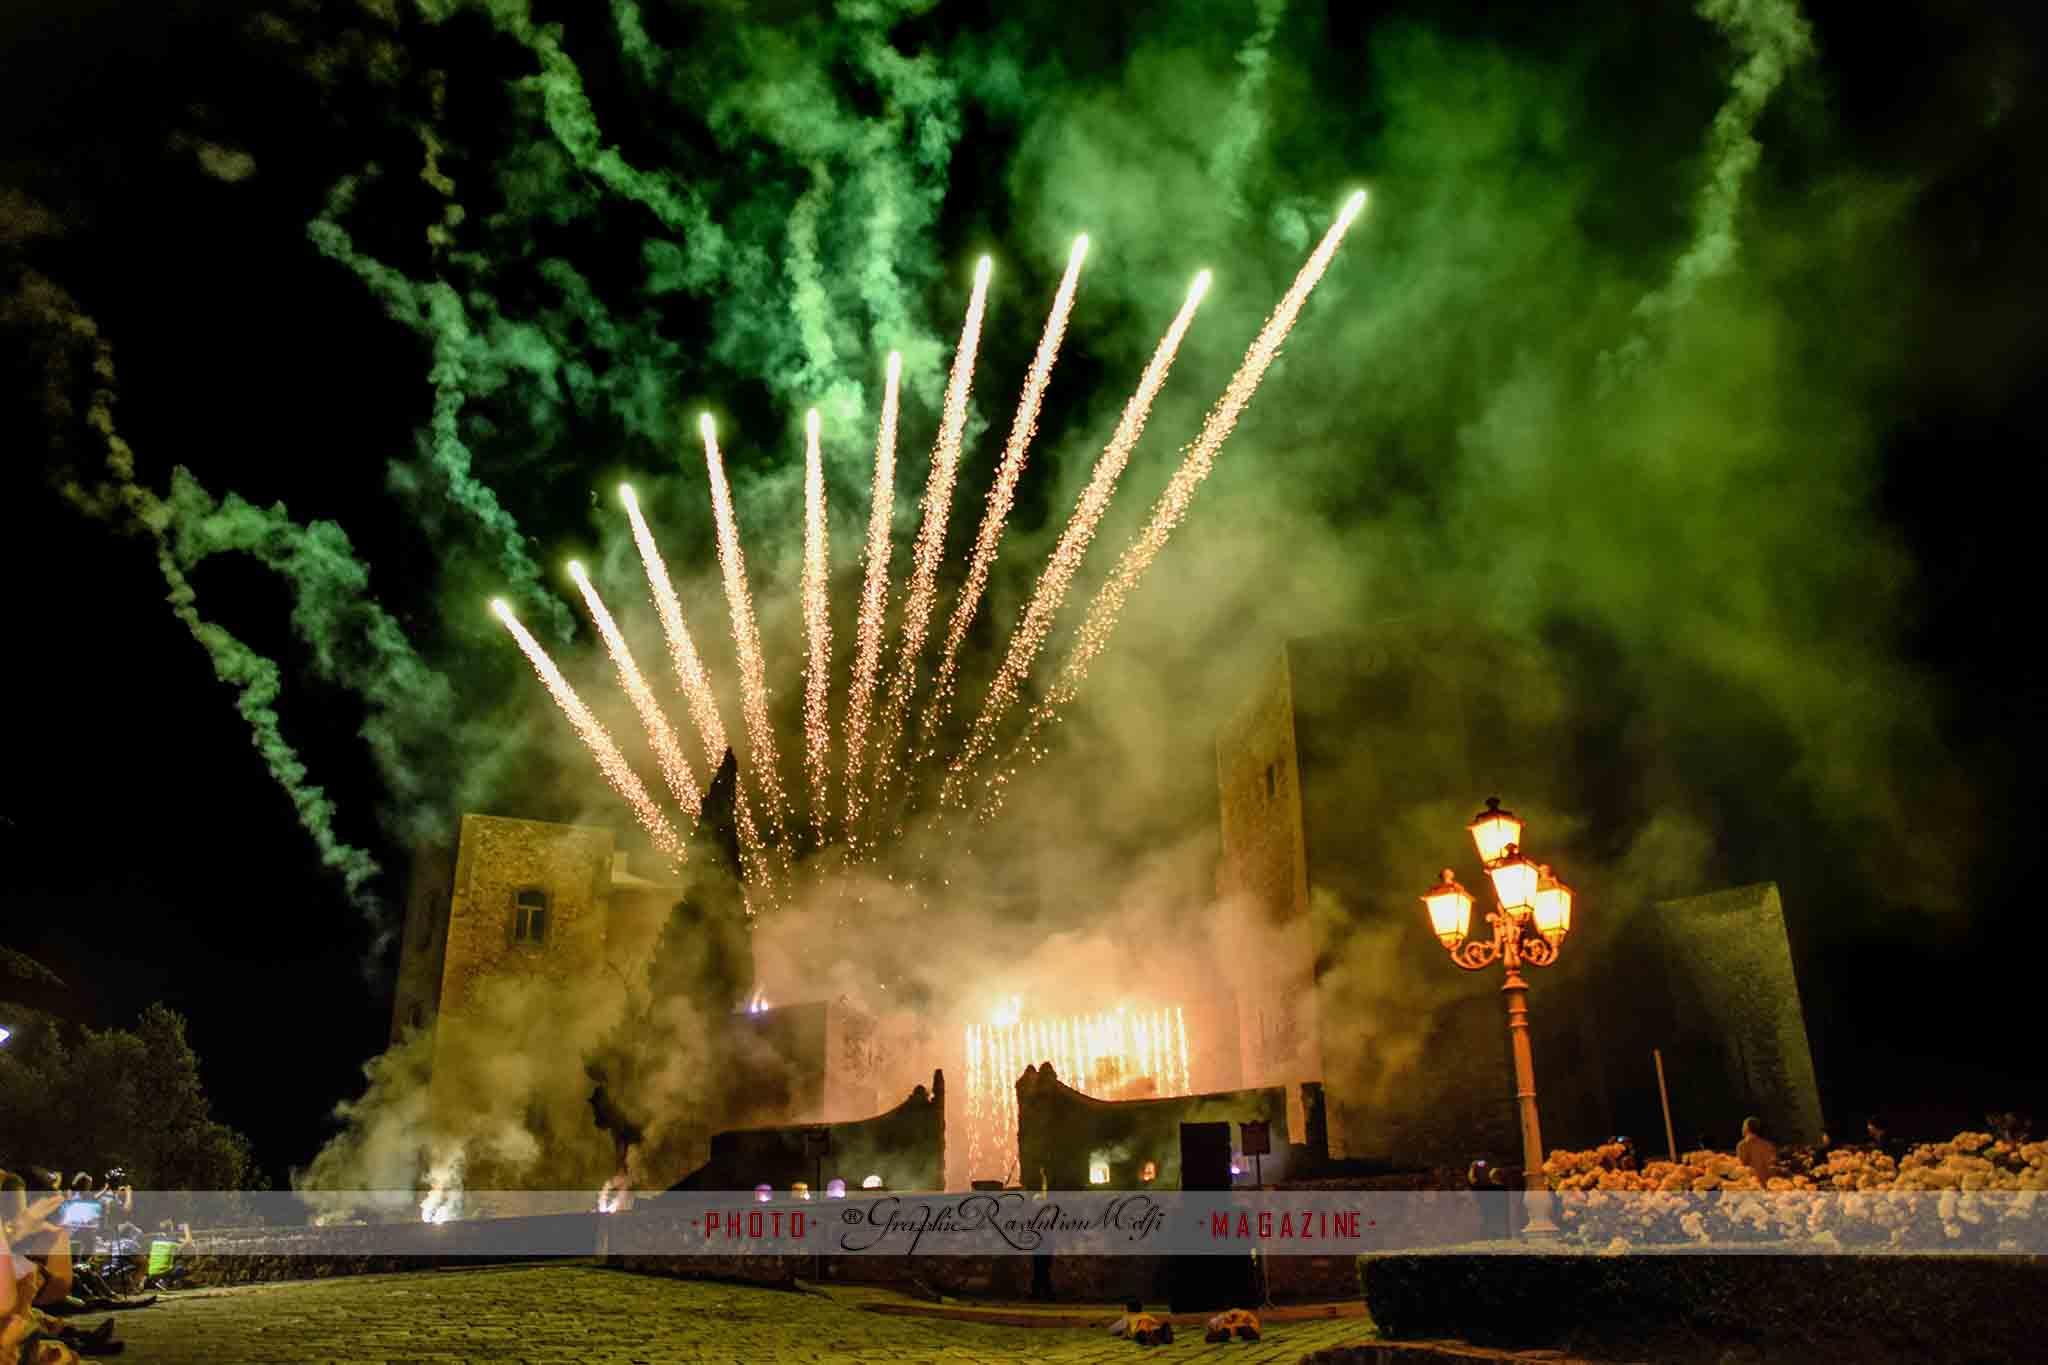 pentecoste melfi pasqua di sangue presa porta venosina assedio castello spettacolo piromusicale